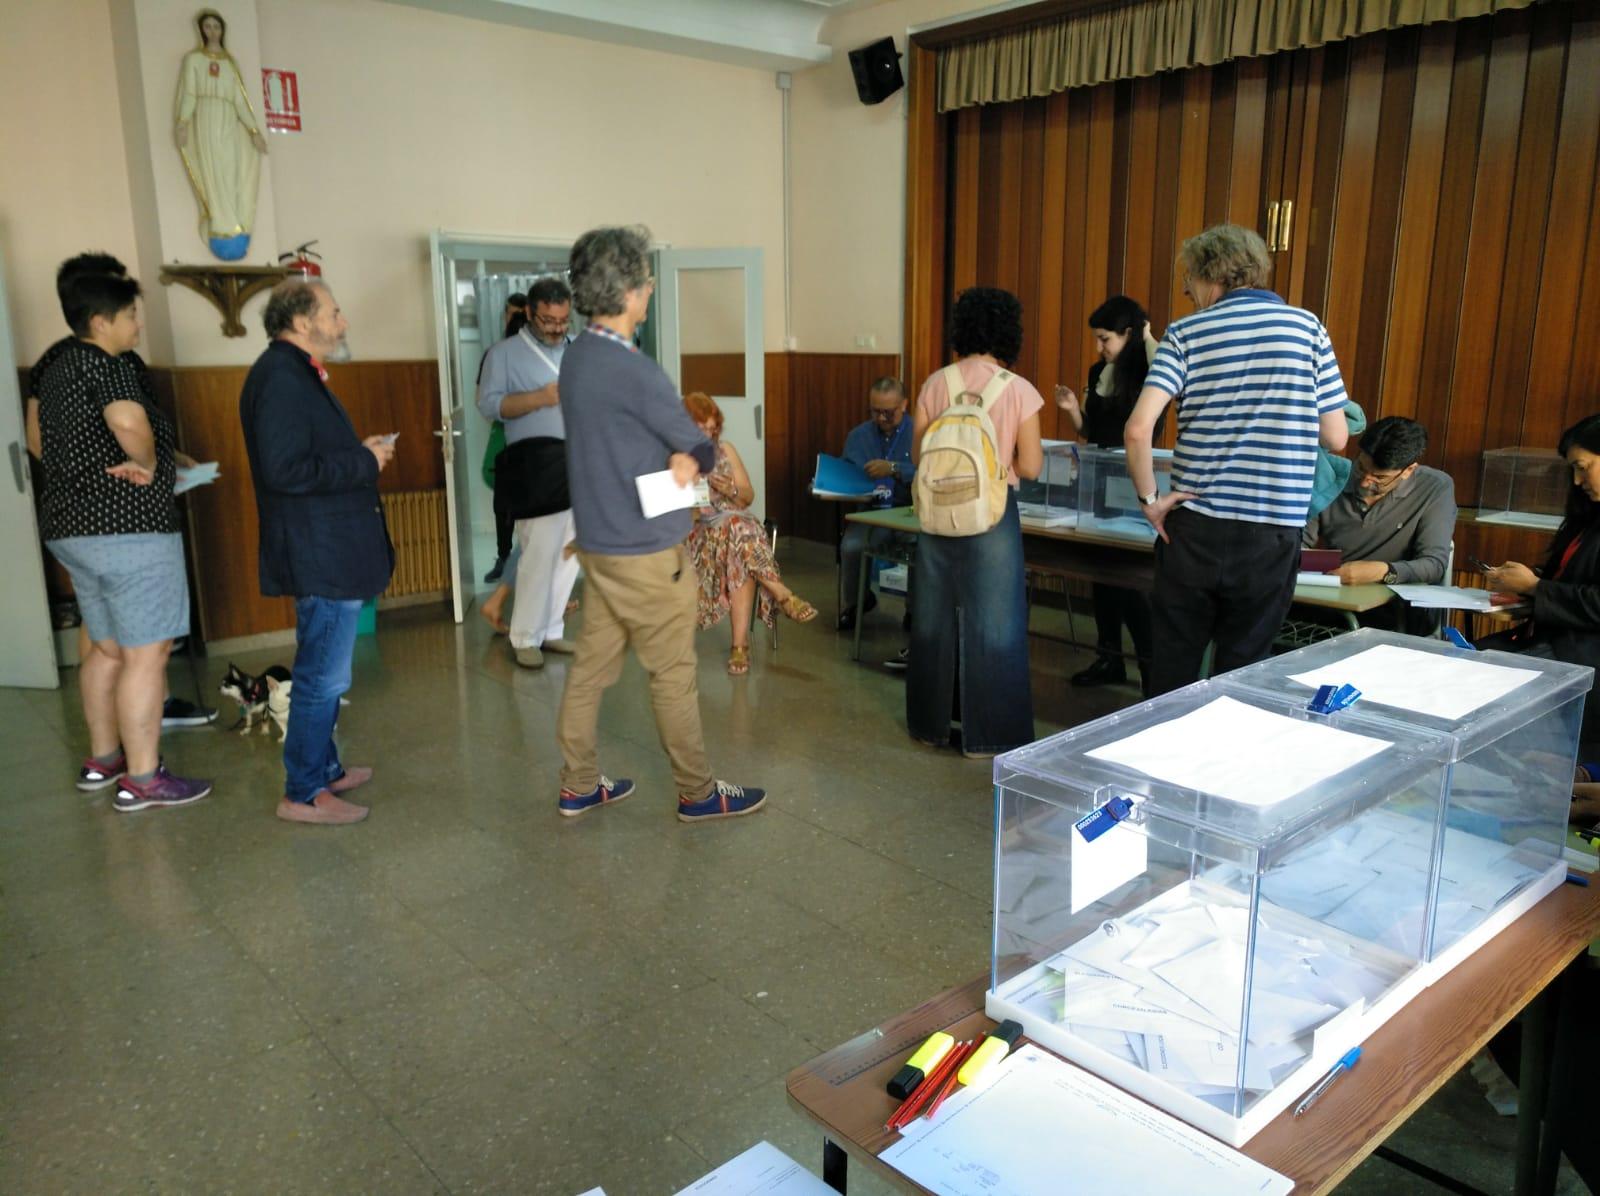 #26M: Una moneda al aire decidirá quién gobierna en Güevejar